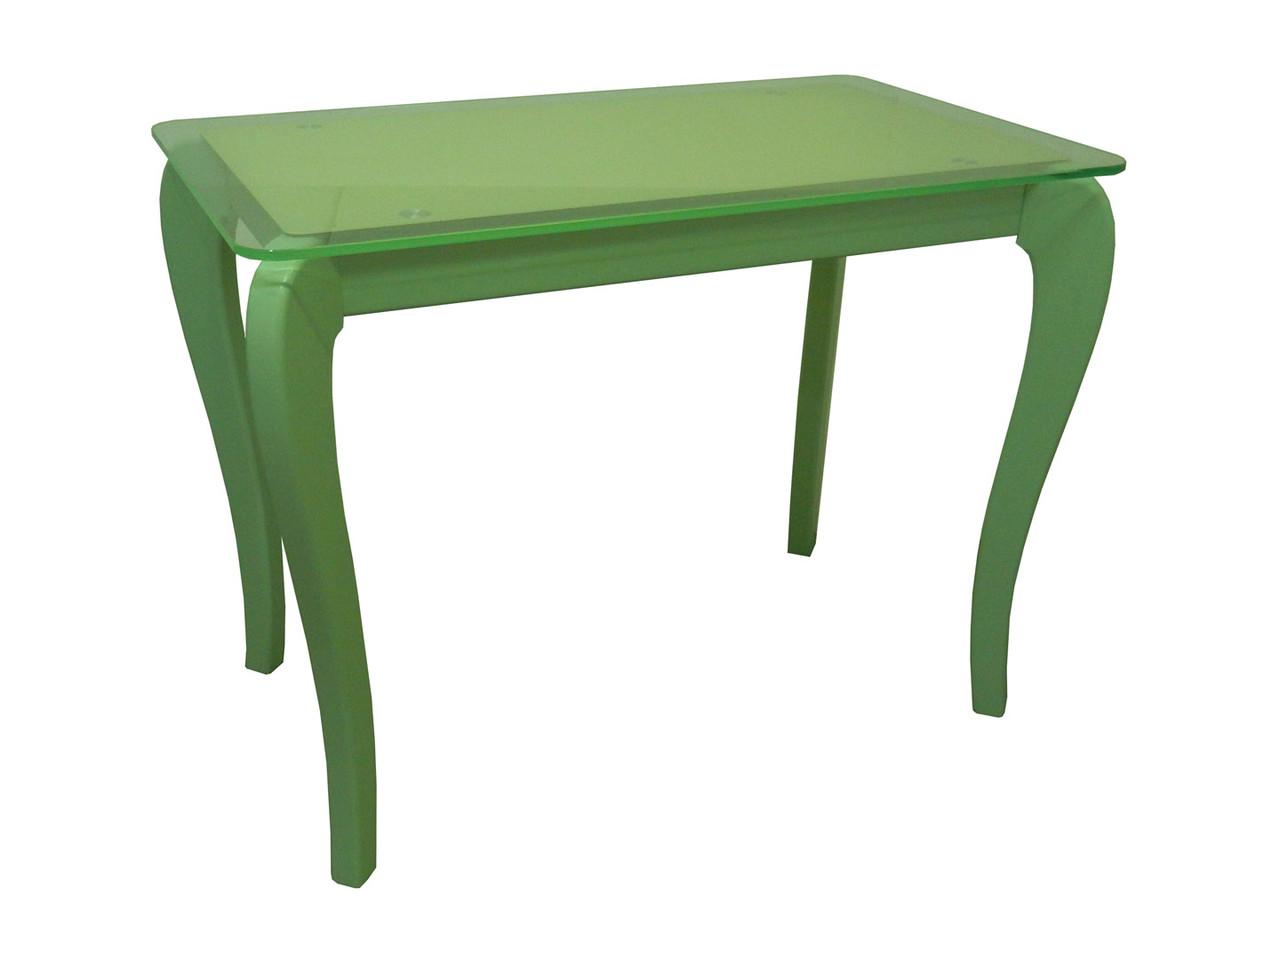 Стол обеденный со стеклянной столешницей ДКС Классик Антоник, цвет на выбор